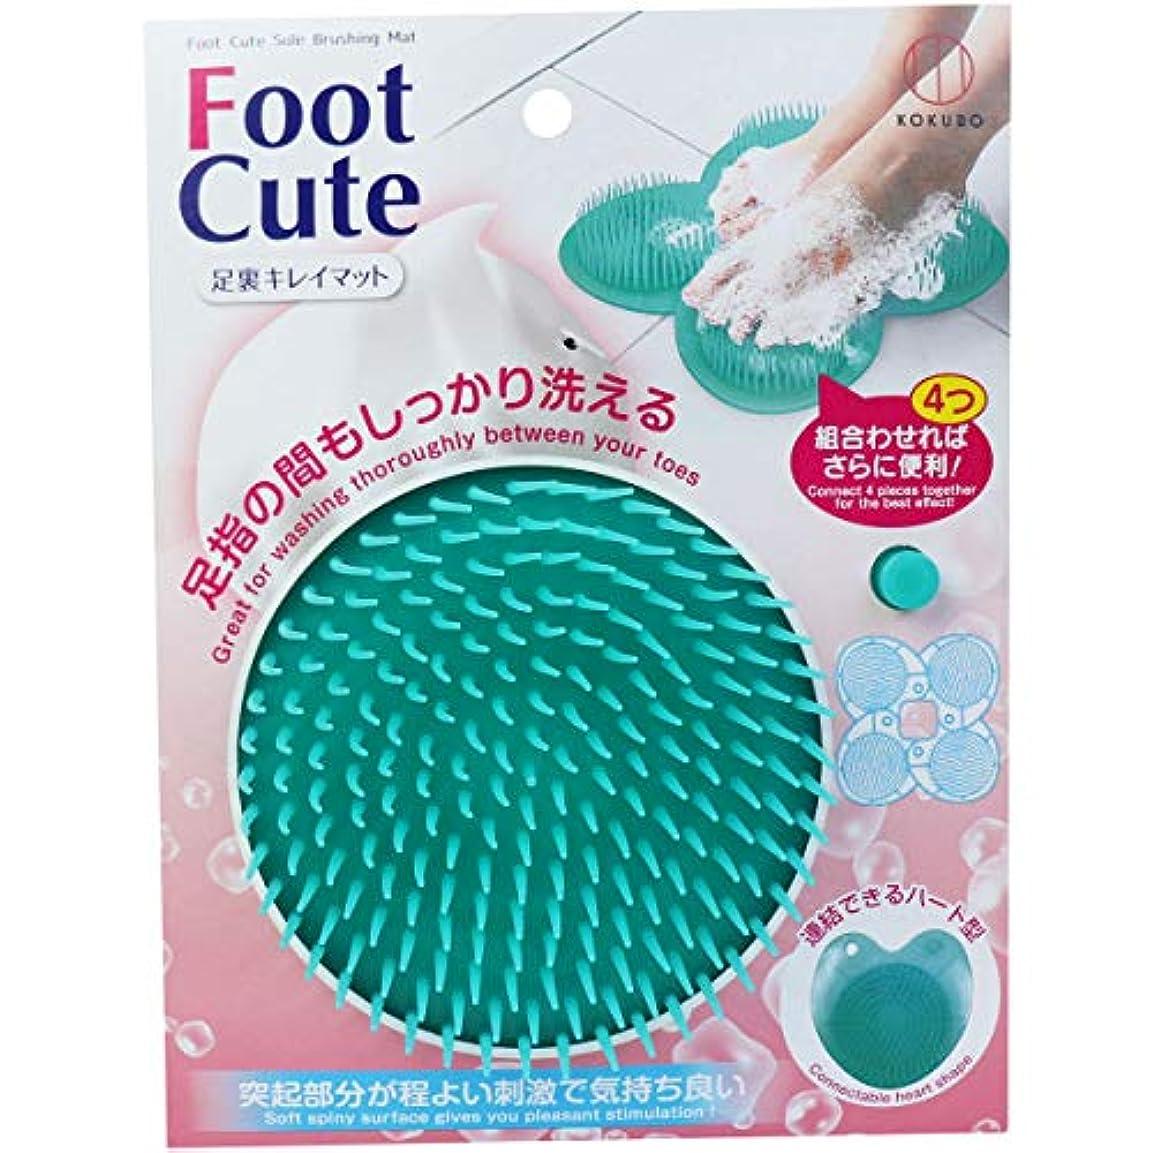 出席する振り子放送Foot Cute 足裏キレイマット グリーン KH-057×20個セット